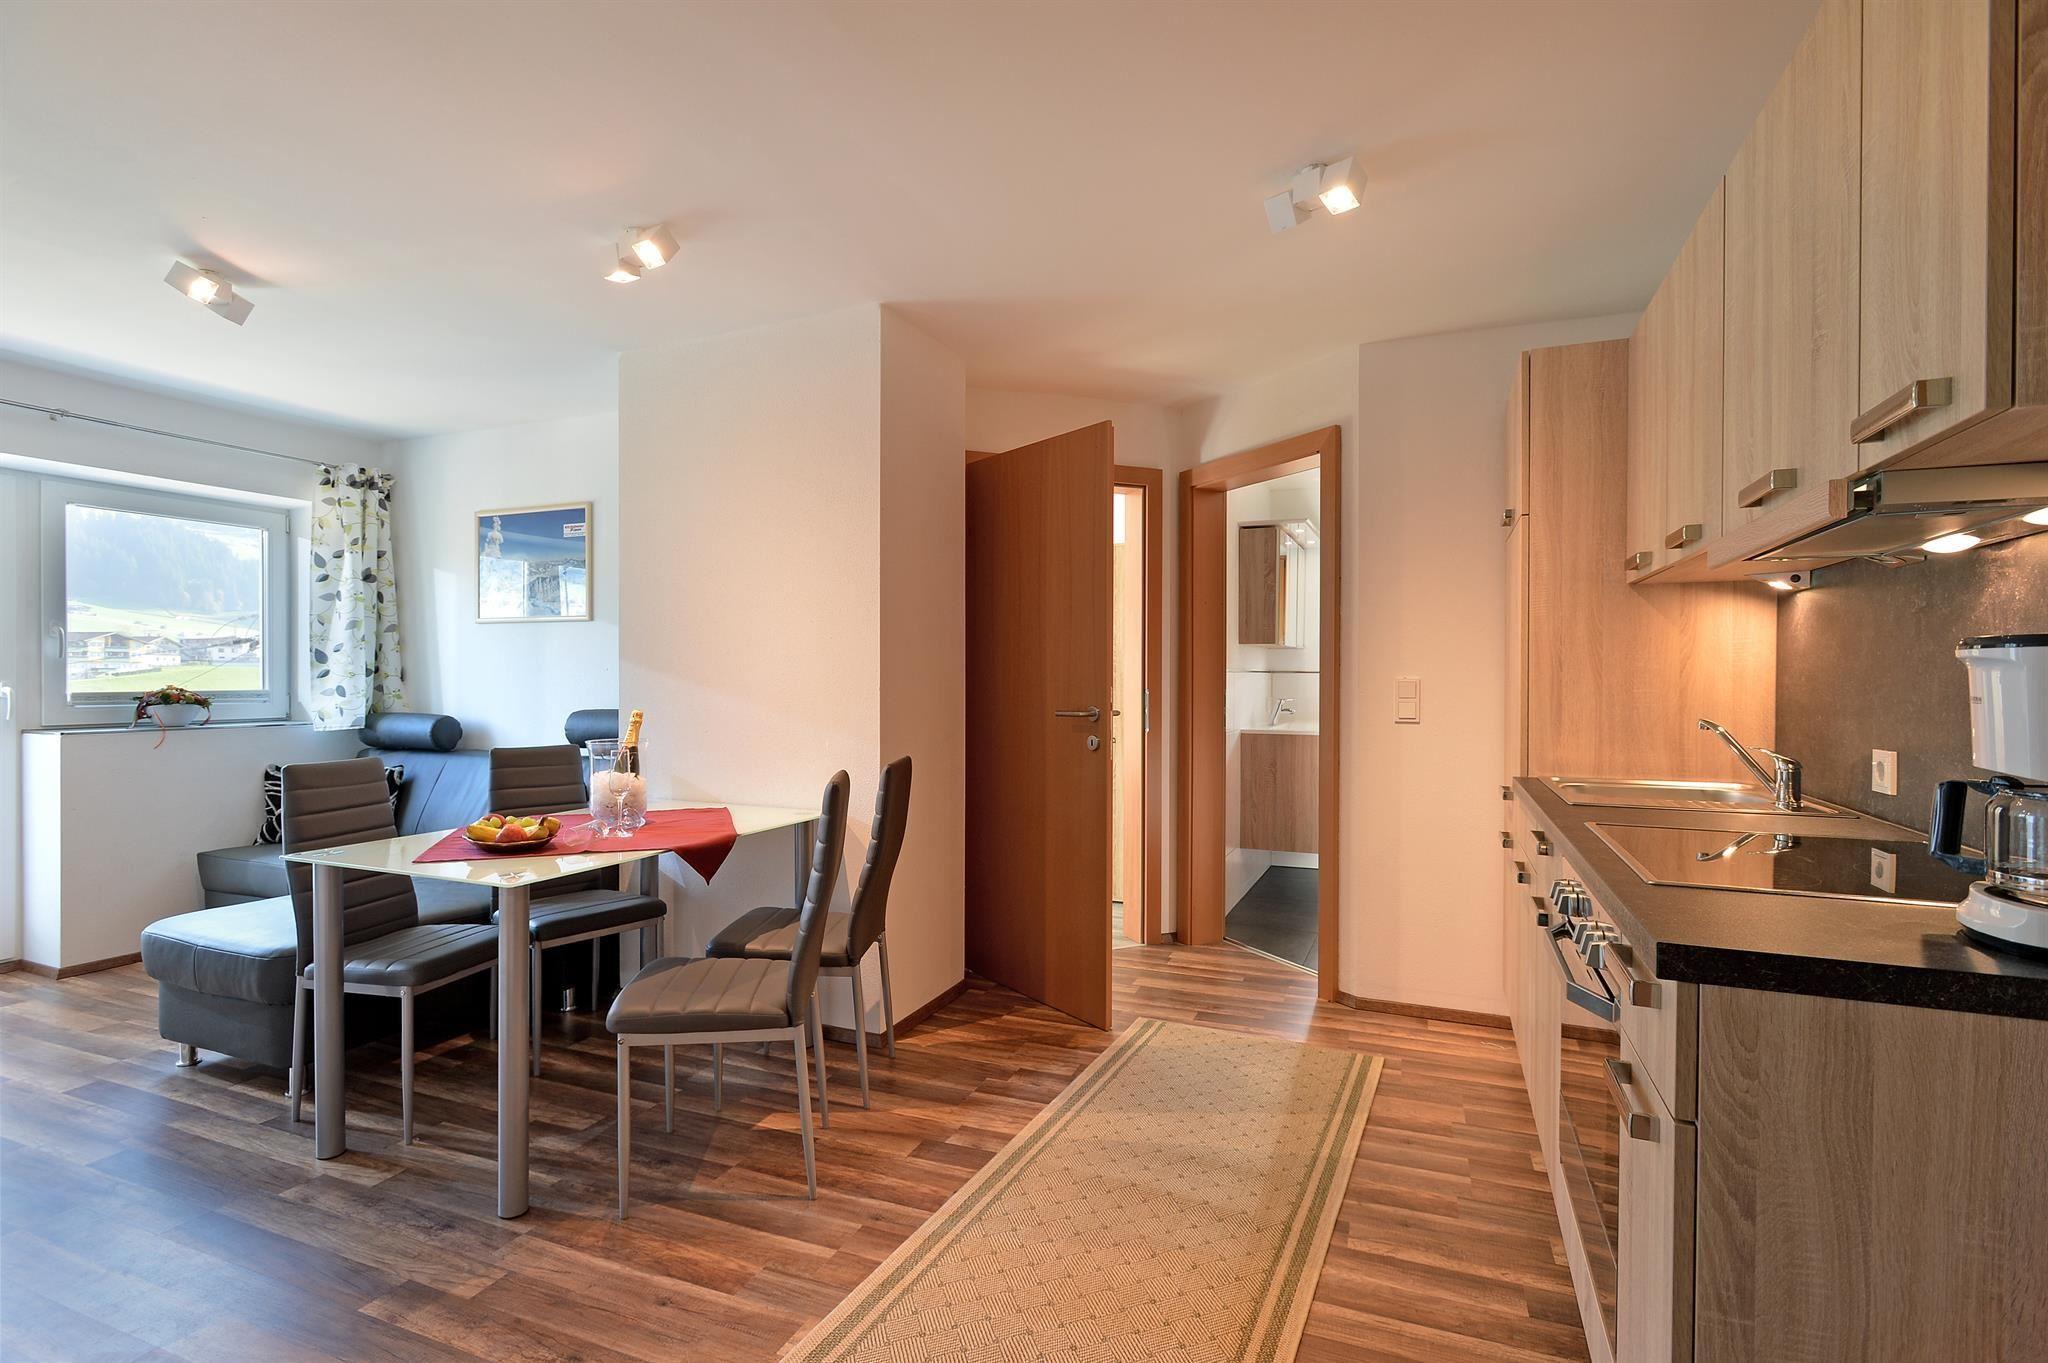 1 Slaapkamer Appartement : Appartement manzl westendorf